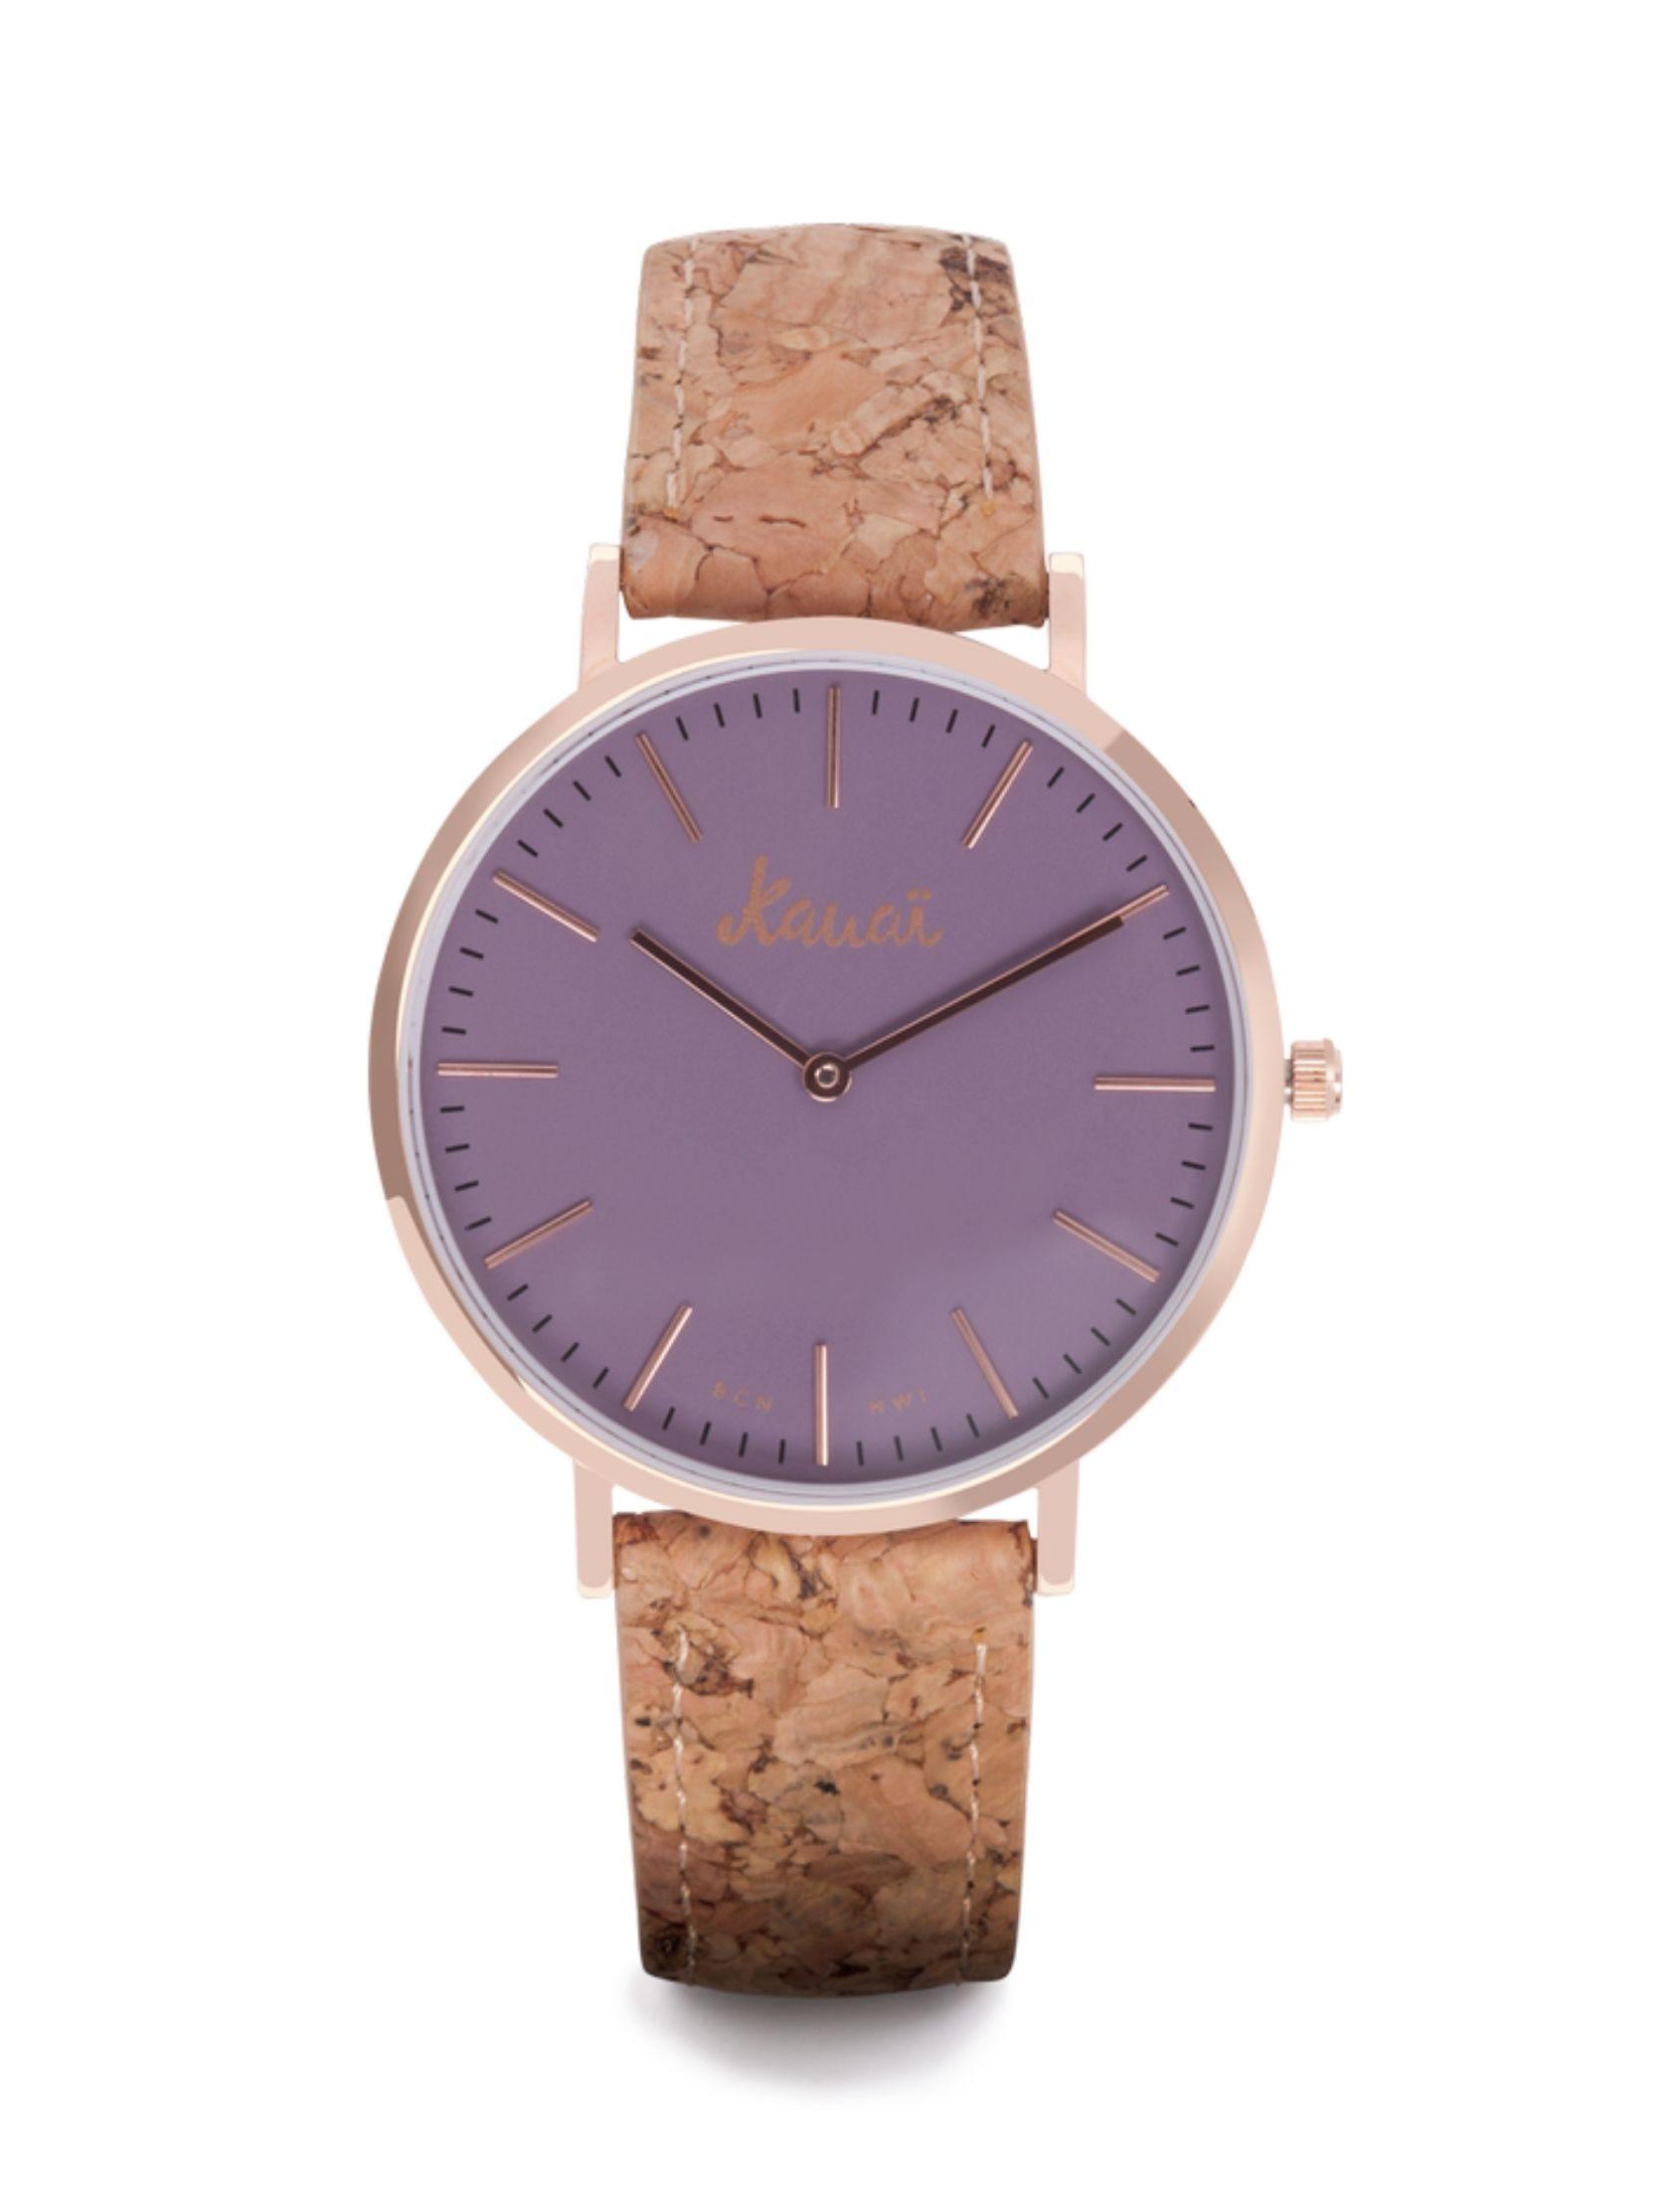 Reloj Napali Purple con correa de corcho y esfera violeta